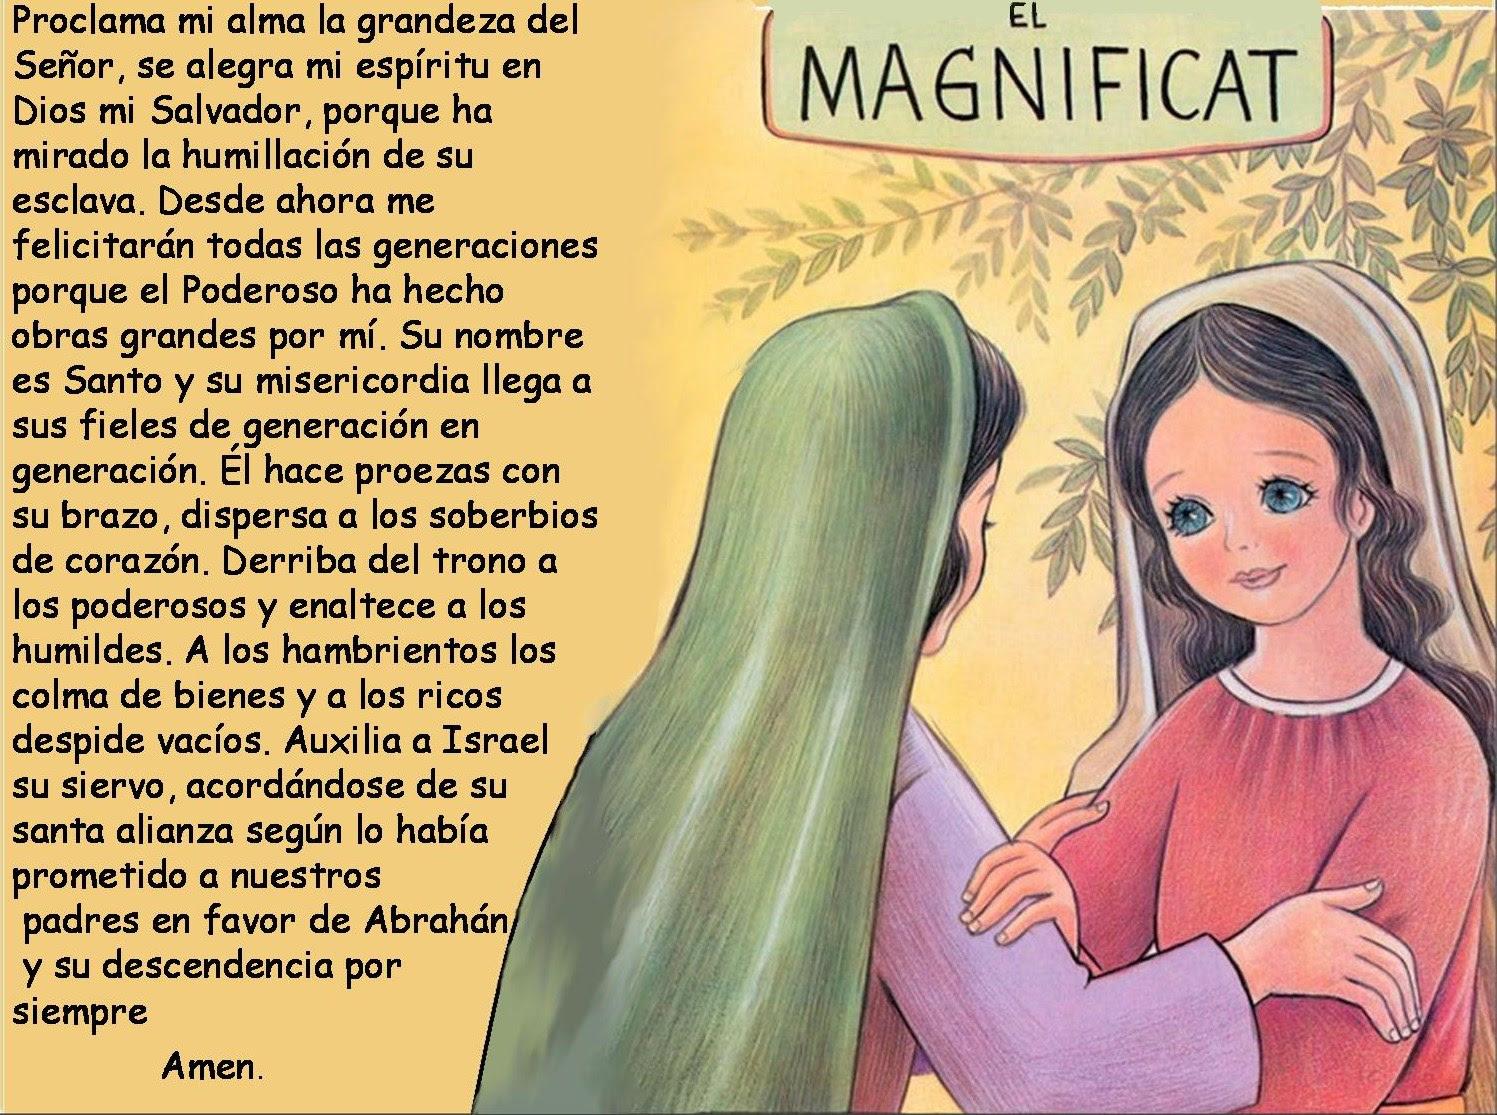 Bildergebnis für magnificat spanisch